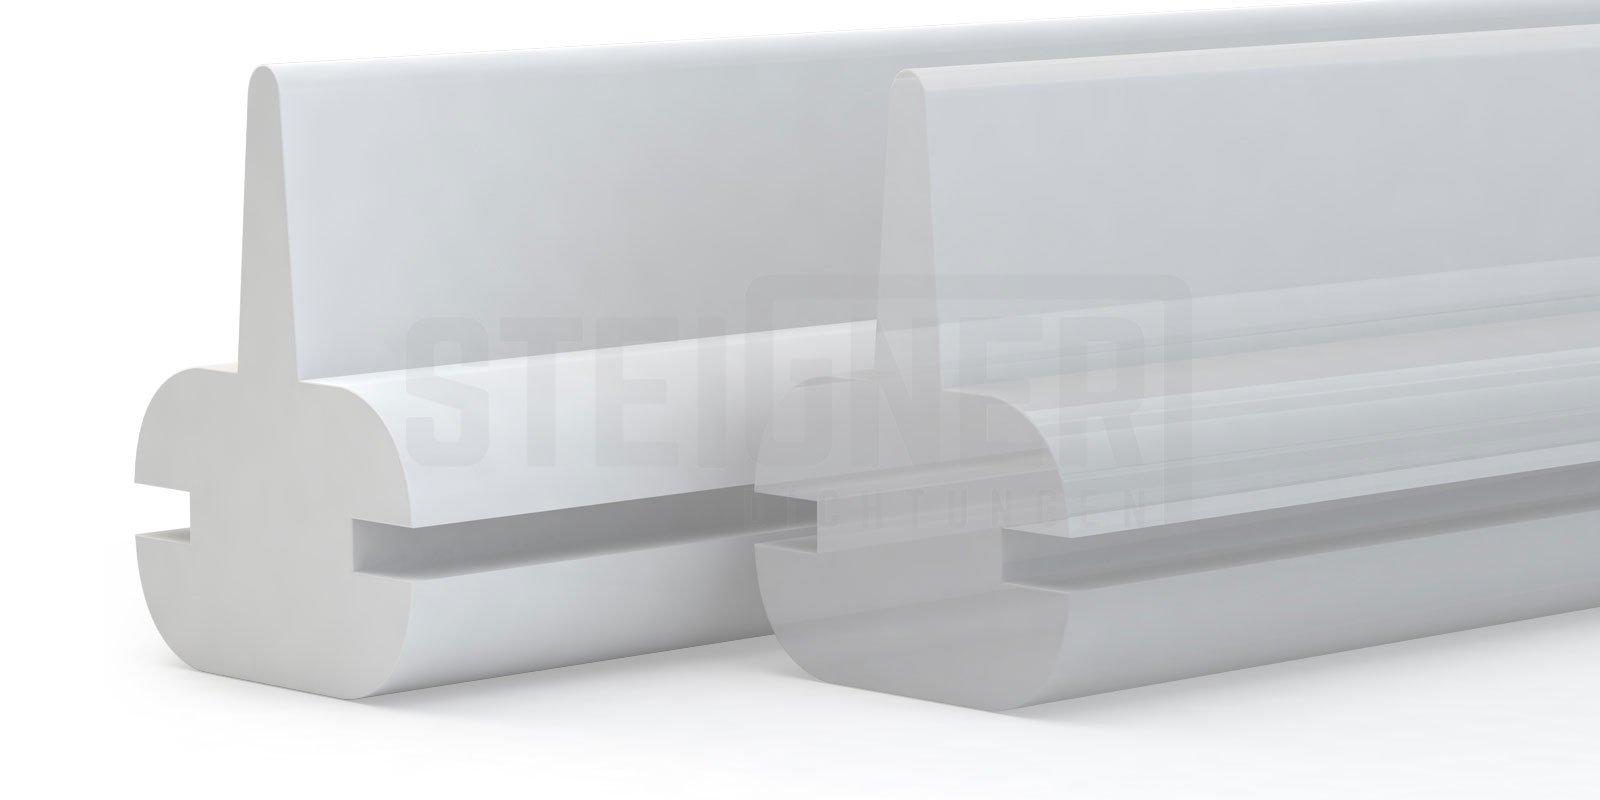 Dichtprofil SDD01 Abdichtung Dusche | Jumbo-Shop | {Duschwanne abdichten wand 34}